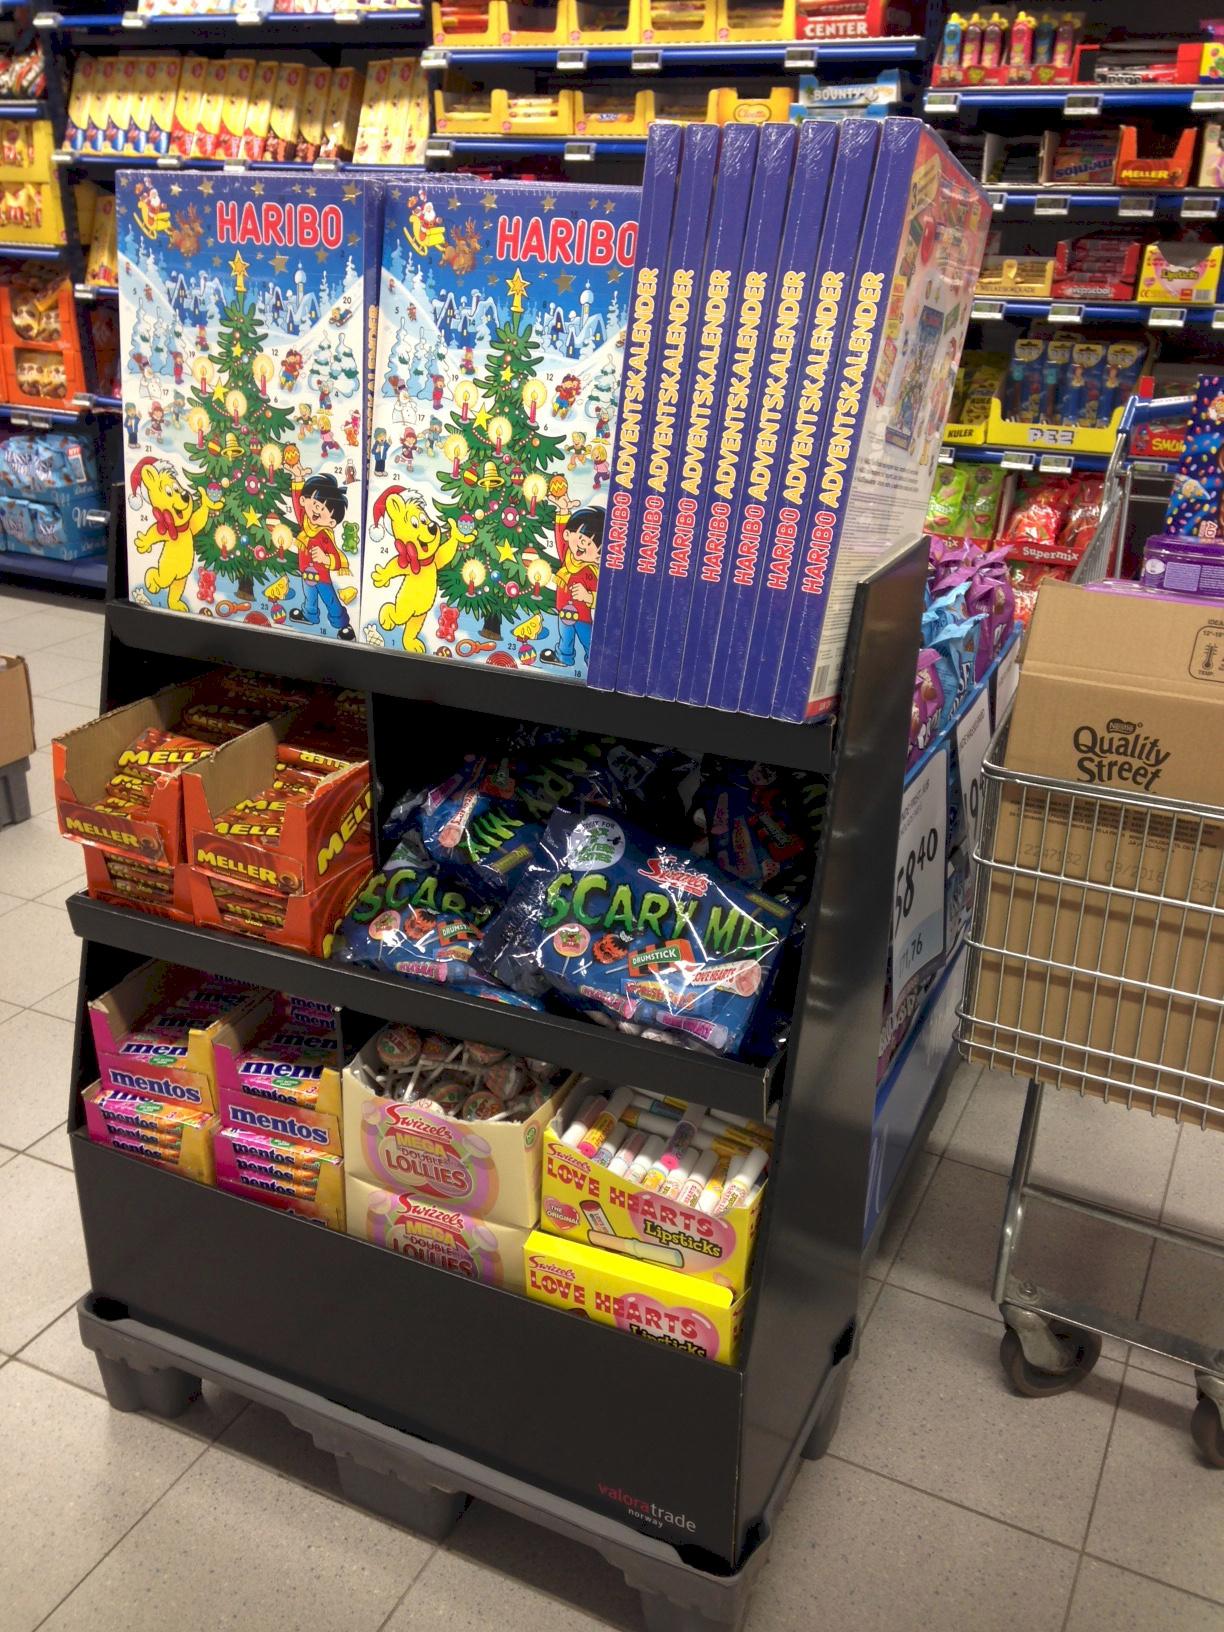 Klager på utstillingen av Haribo julekalendre og Kinder sjokolade ble ikke tatt til følge. FOTO: MFU